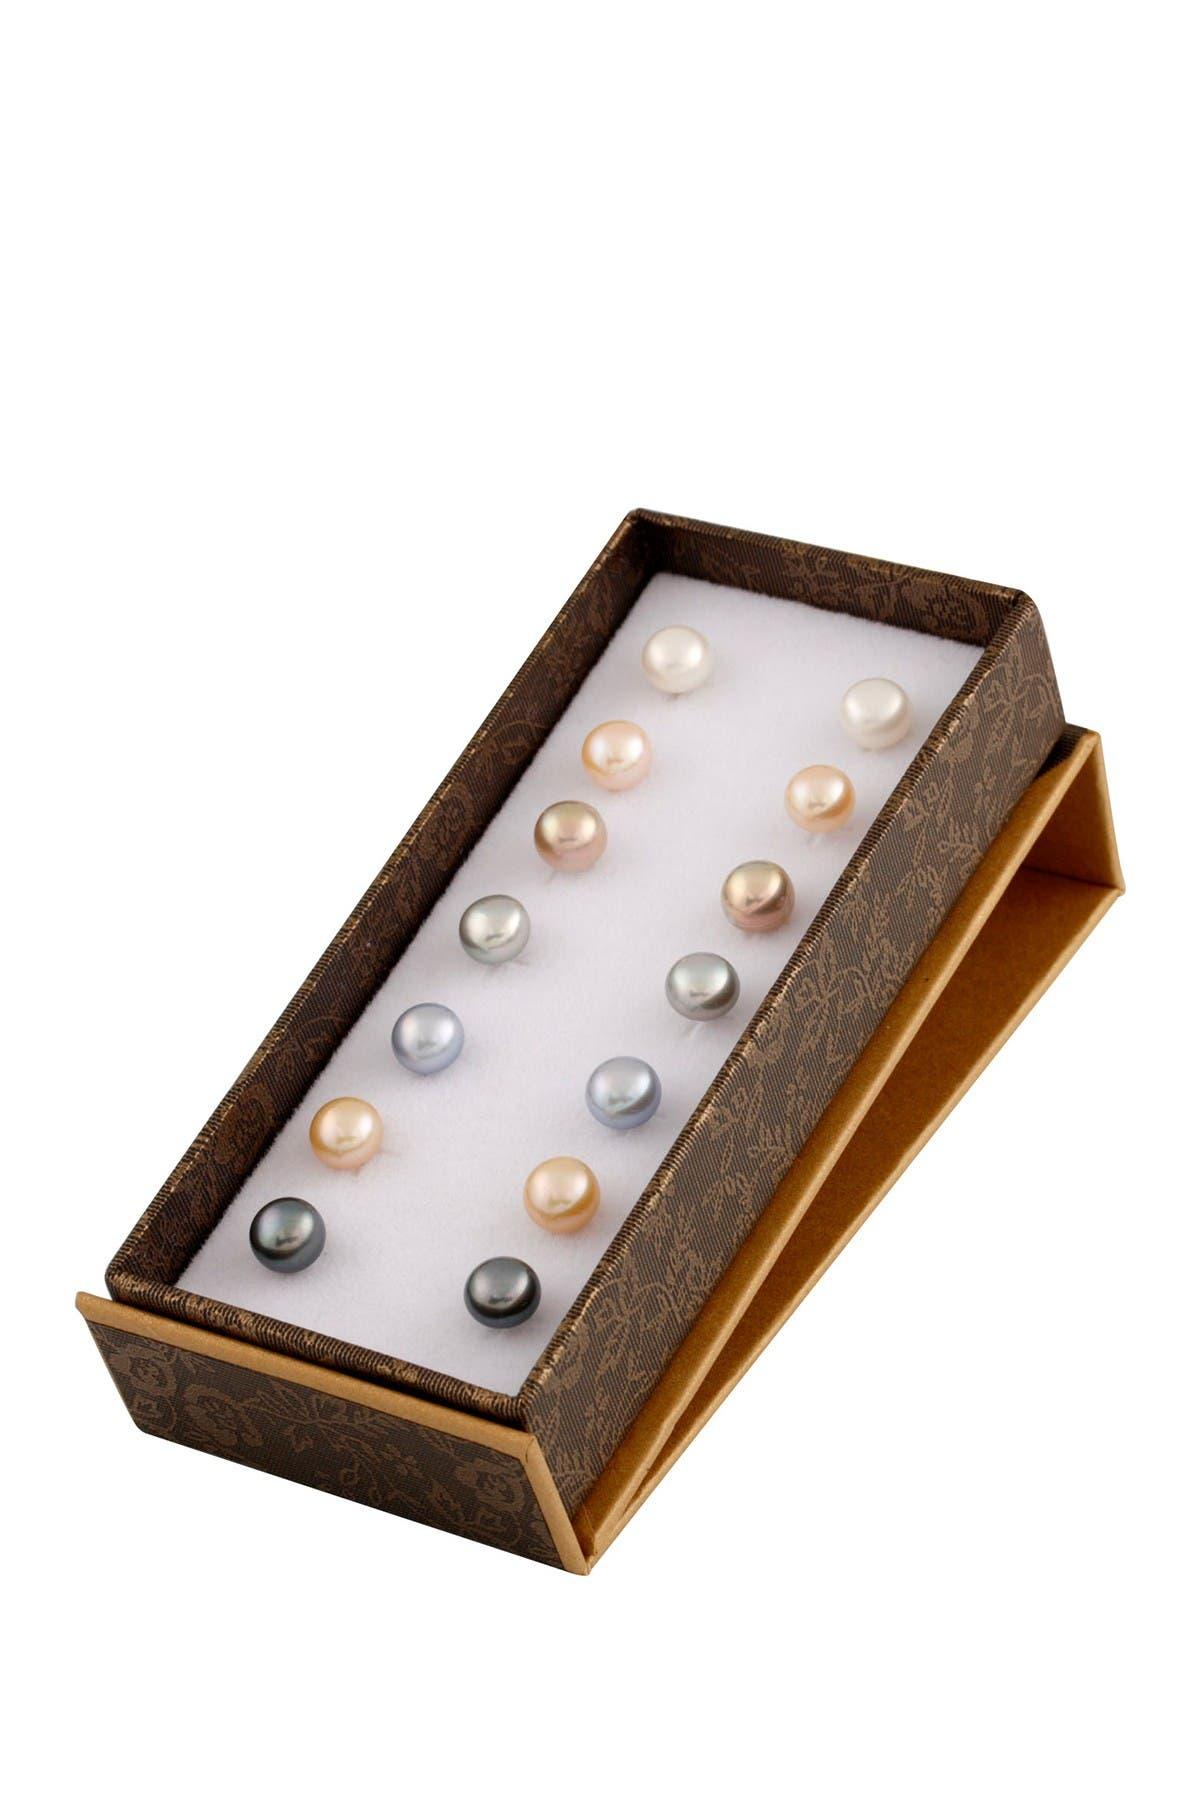 Image of Splendid Pearls 7-8mm Cultured Freshwater Pearl Earrings Set